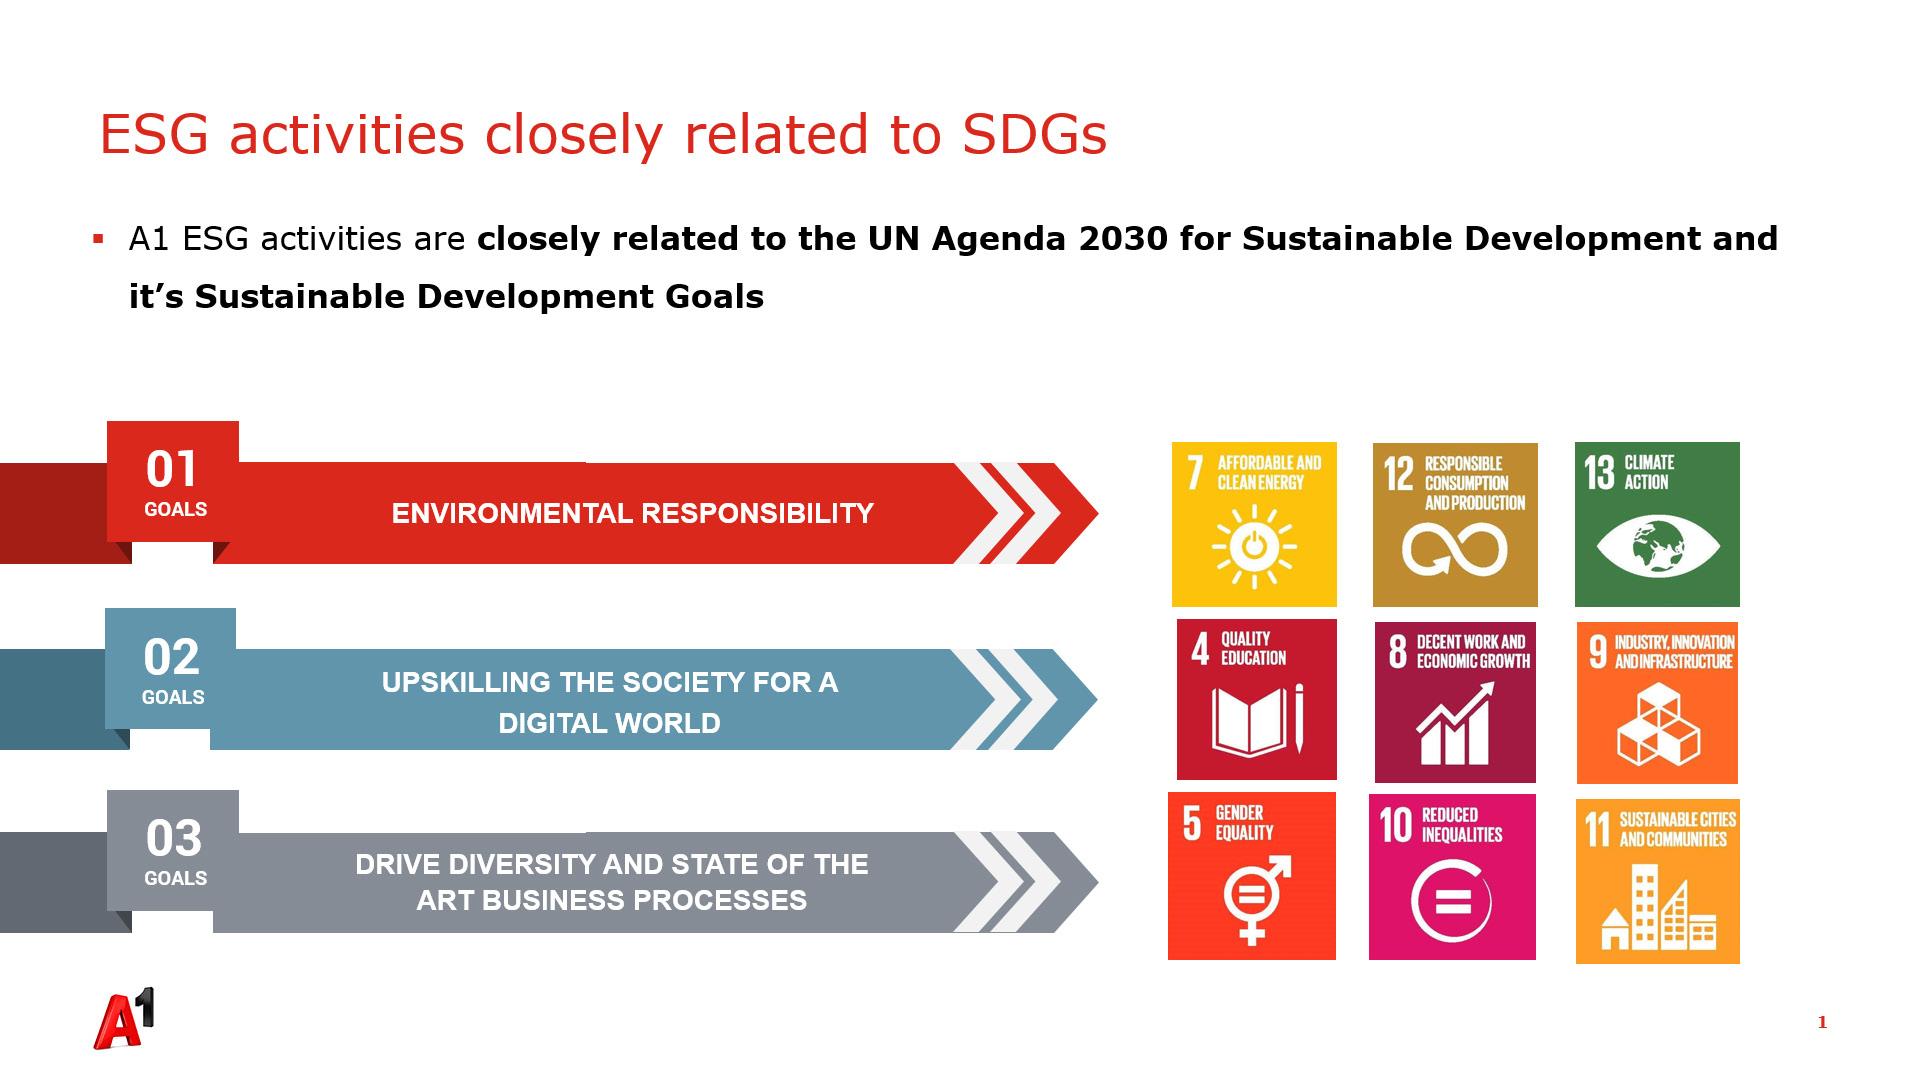 Zelena i digitalna budućnost cilj su održivih inicijativa A1 Hrvatske 2 - hrpsor Hrvatski poslovni savjet za održivi razvoj